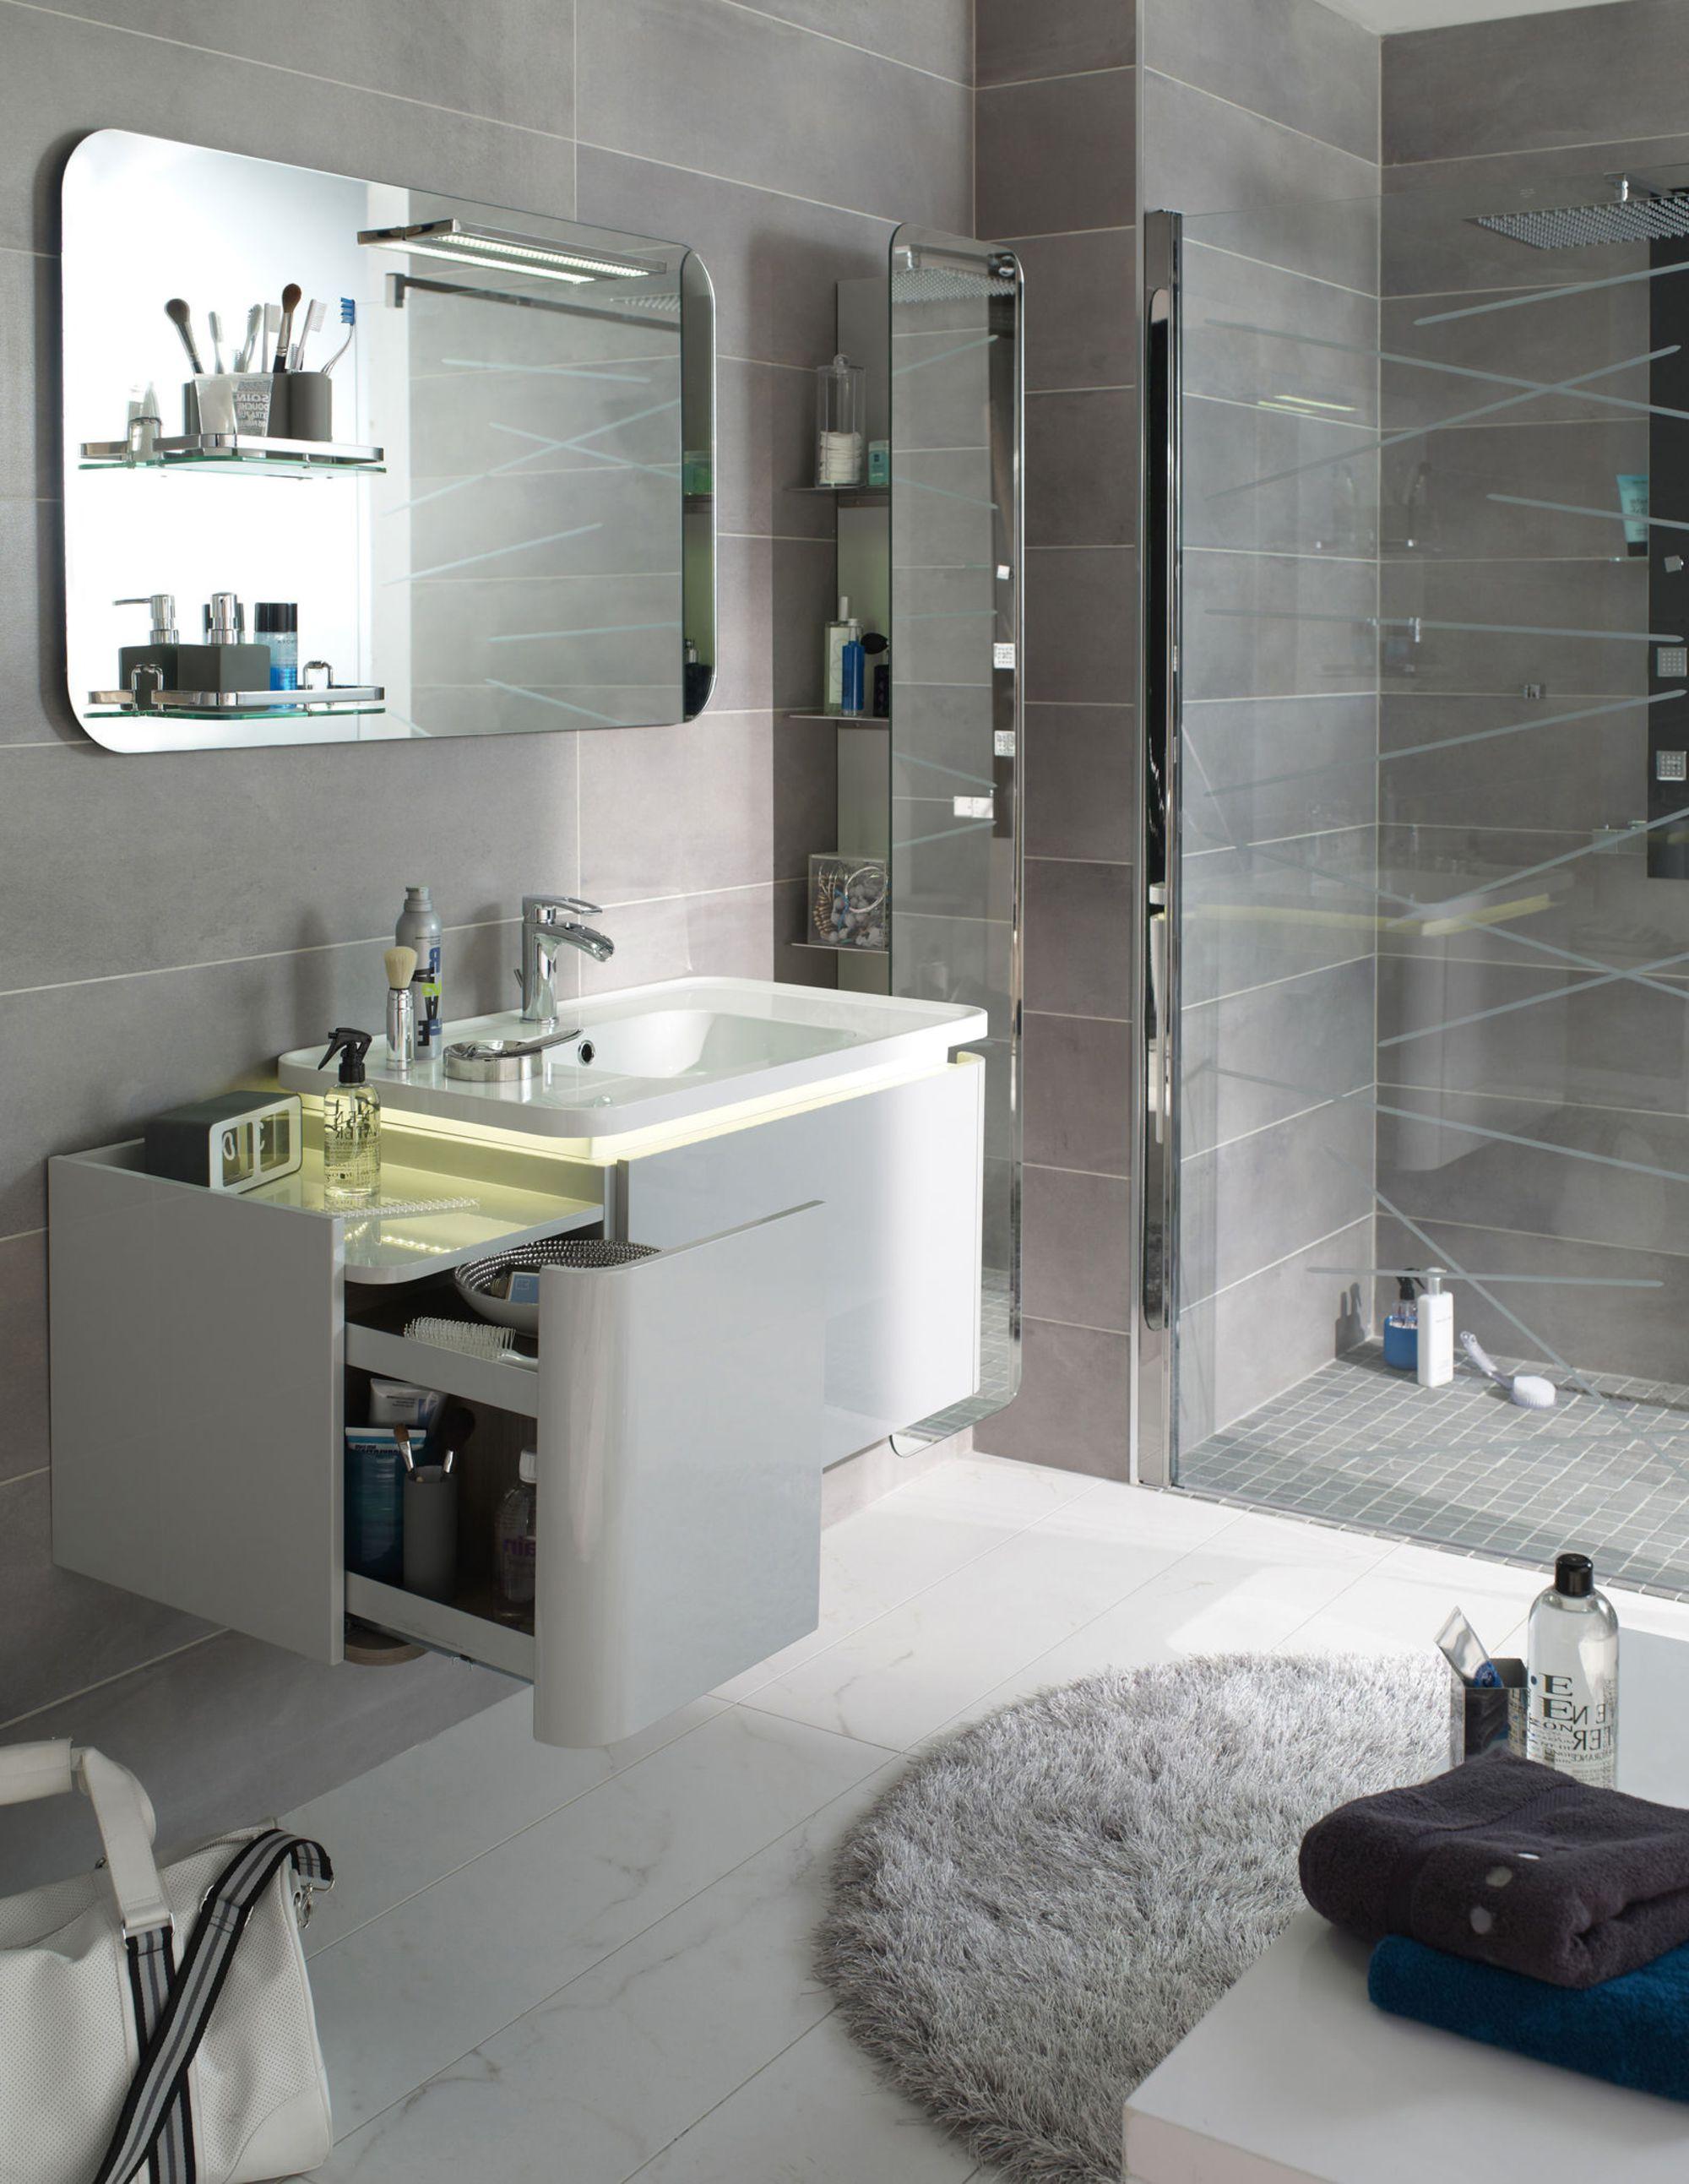 Идеи дизайна интерьера маленькой ванной